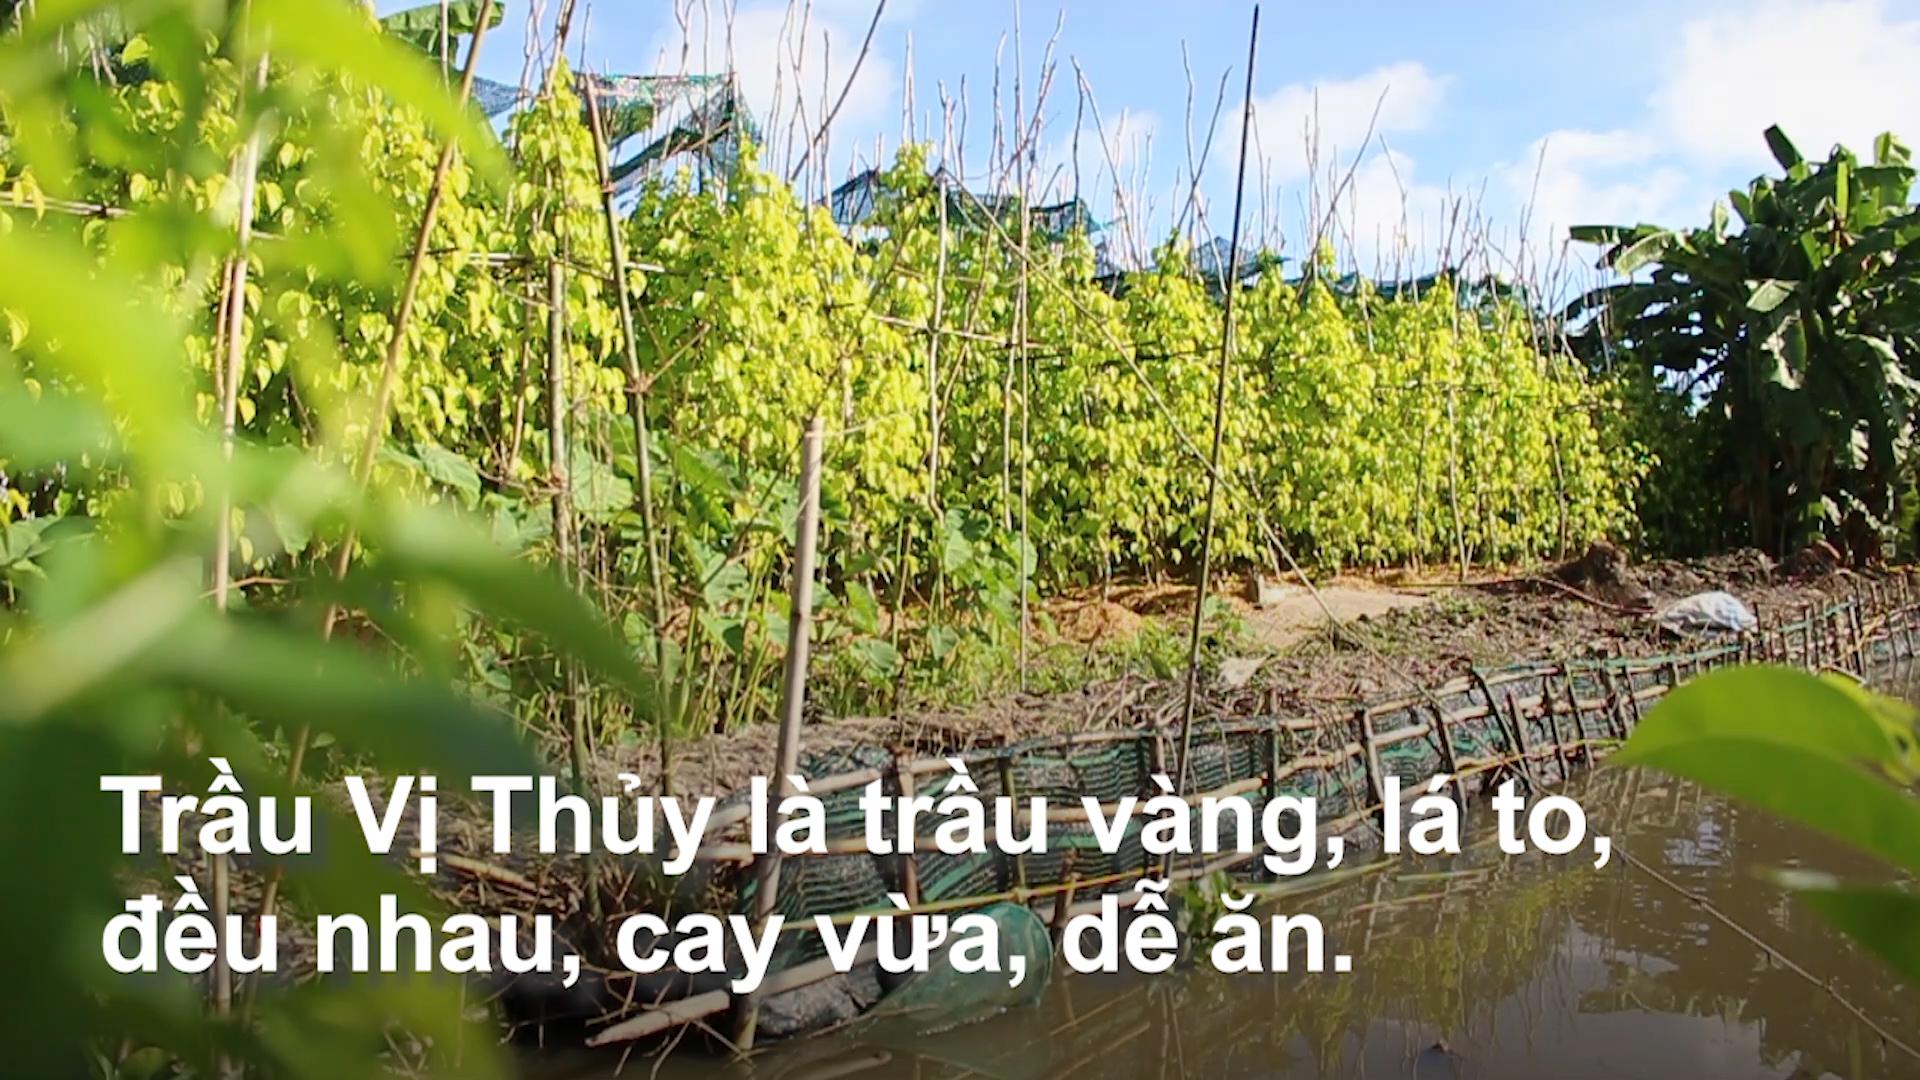 Vương quốc trầu lá của Việt Nam